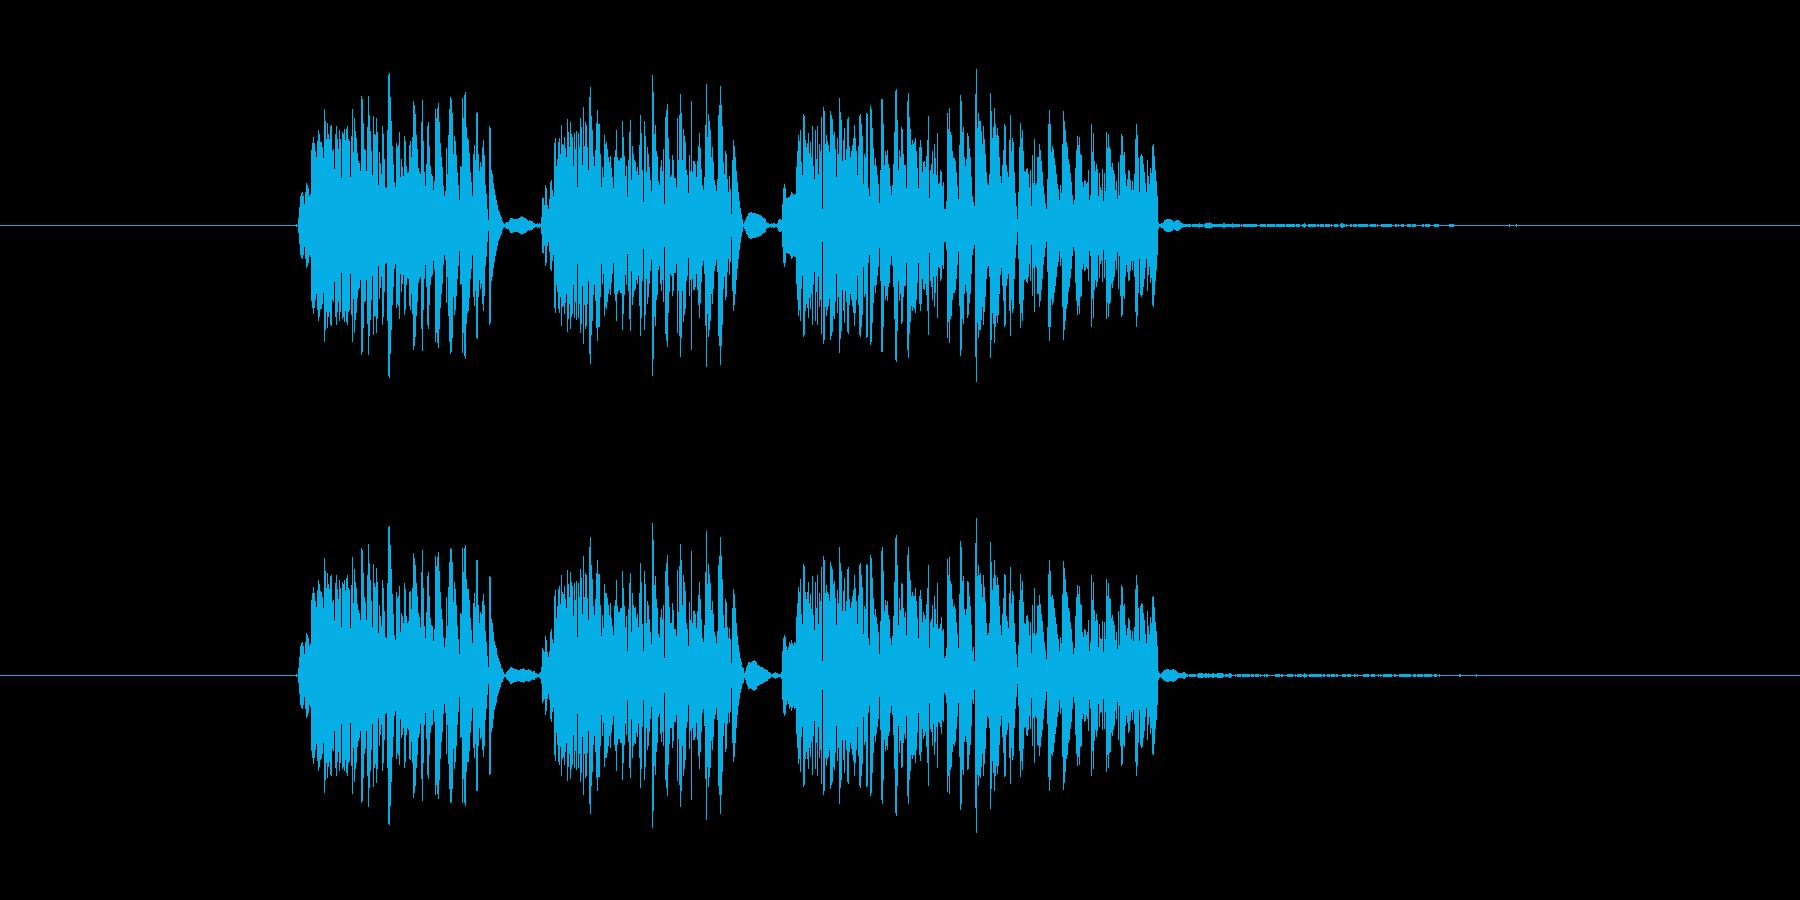 パンチ効果音 ダダダ ドドド 3連打の再生済みの波形